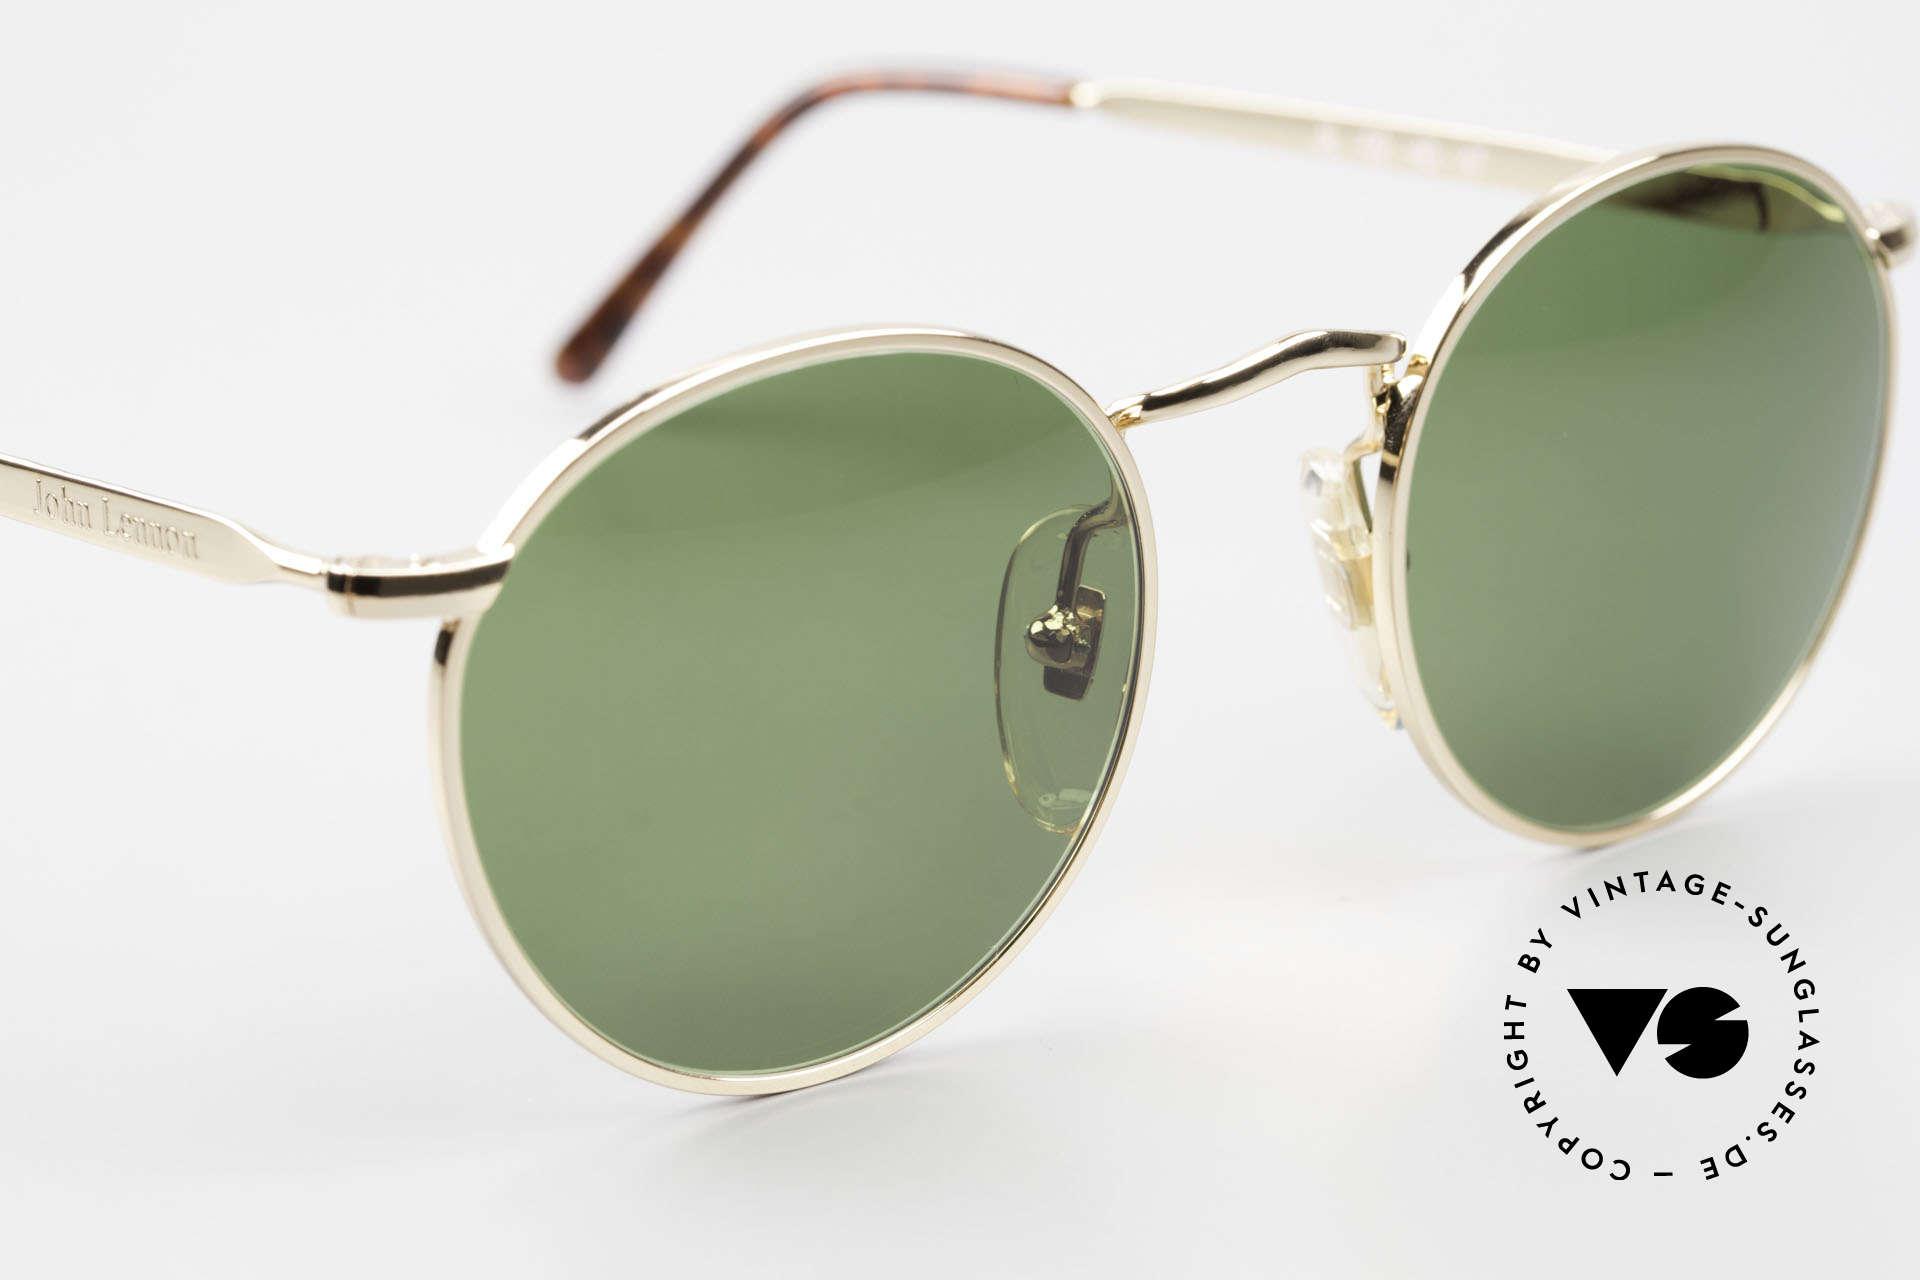 John Lennon - The Dreamer Original JL Collection Brille, KEINE RetroSonnenbrille, sondern ein altes Original, Passend für Herren und Damen